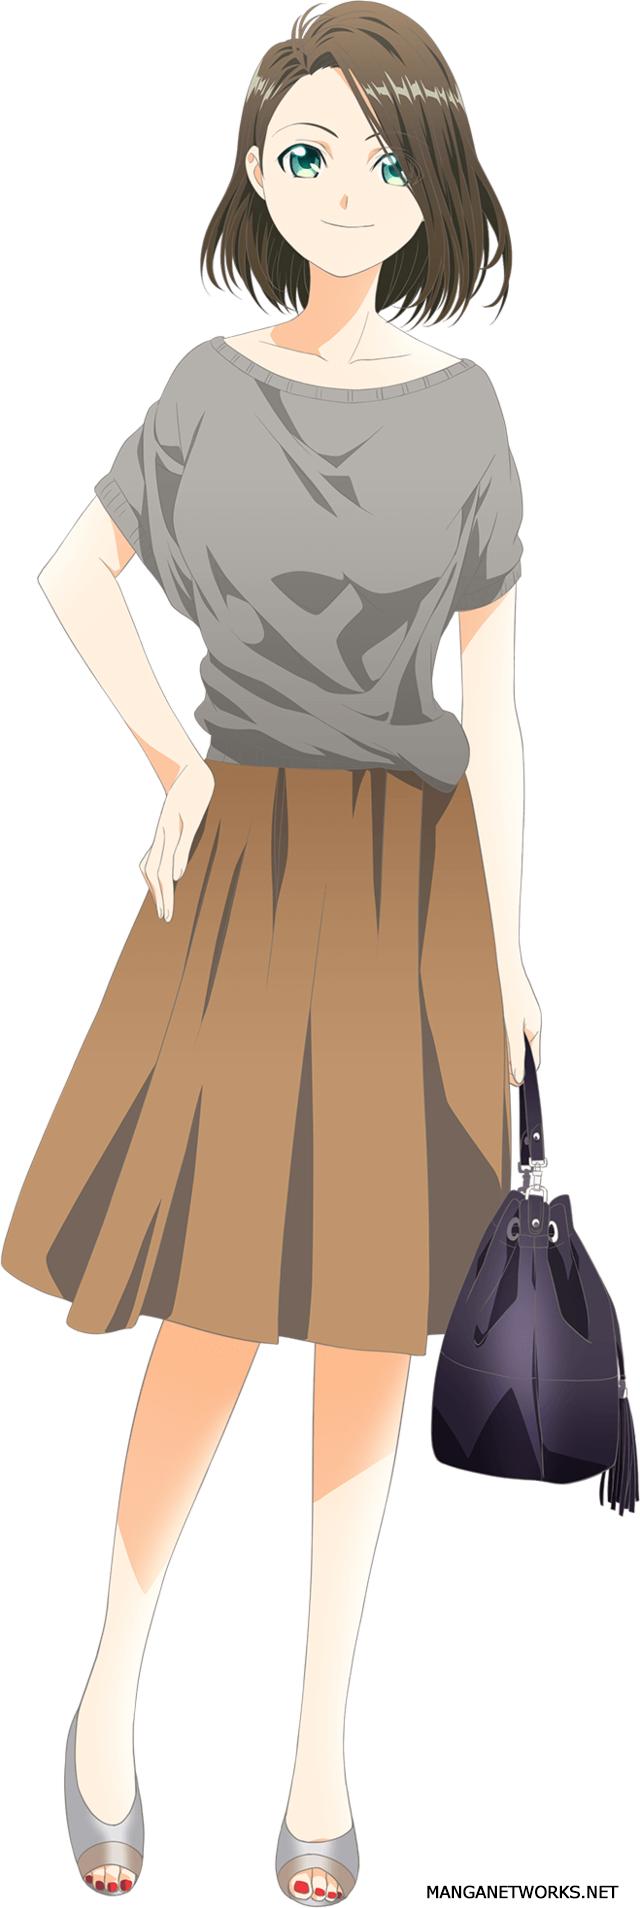 31781343436 4025a4d60b o Anime Hand Shakers tung ra quảng cáo mới đầy thú vị